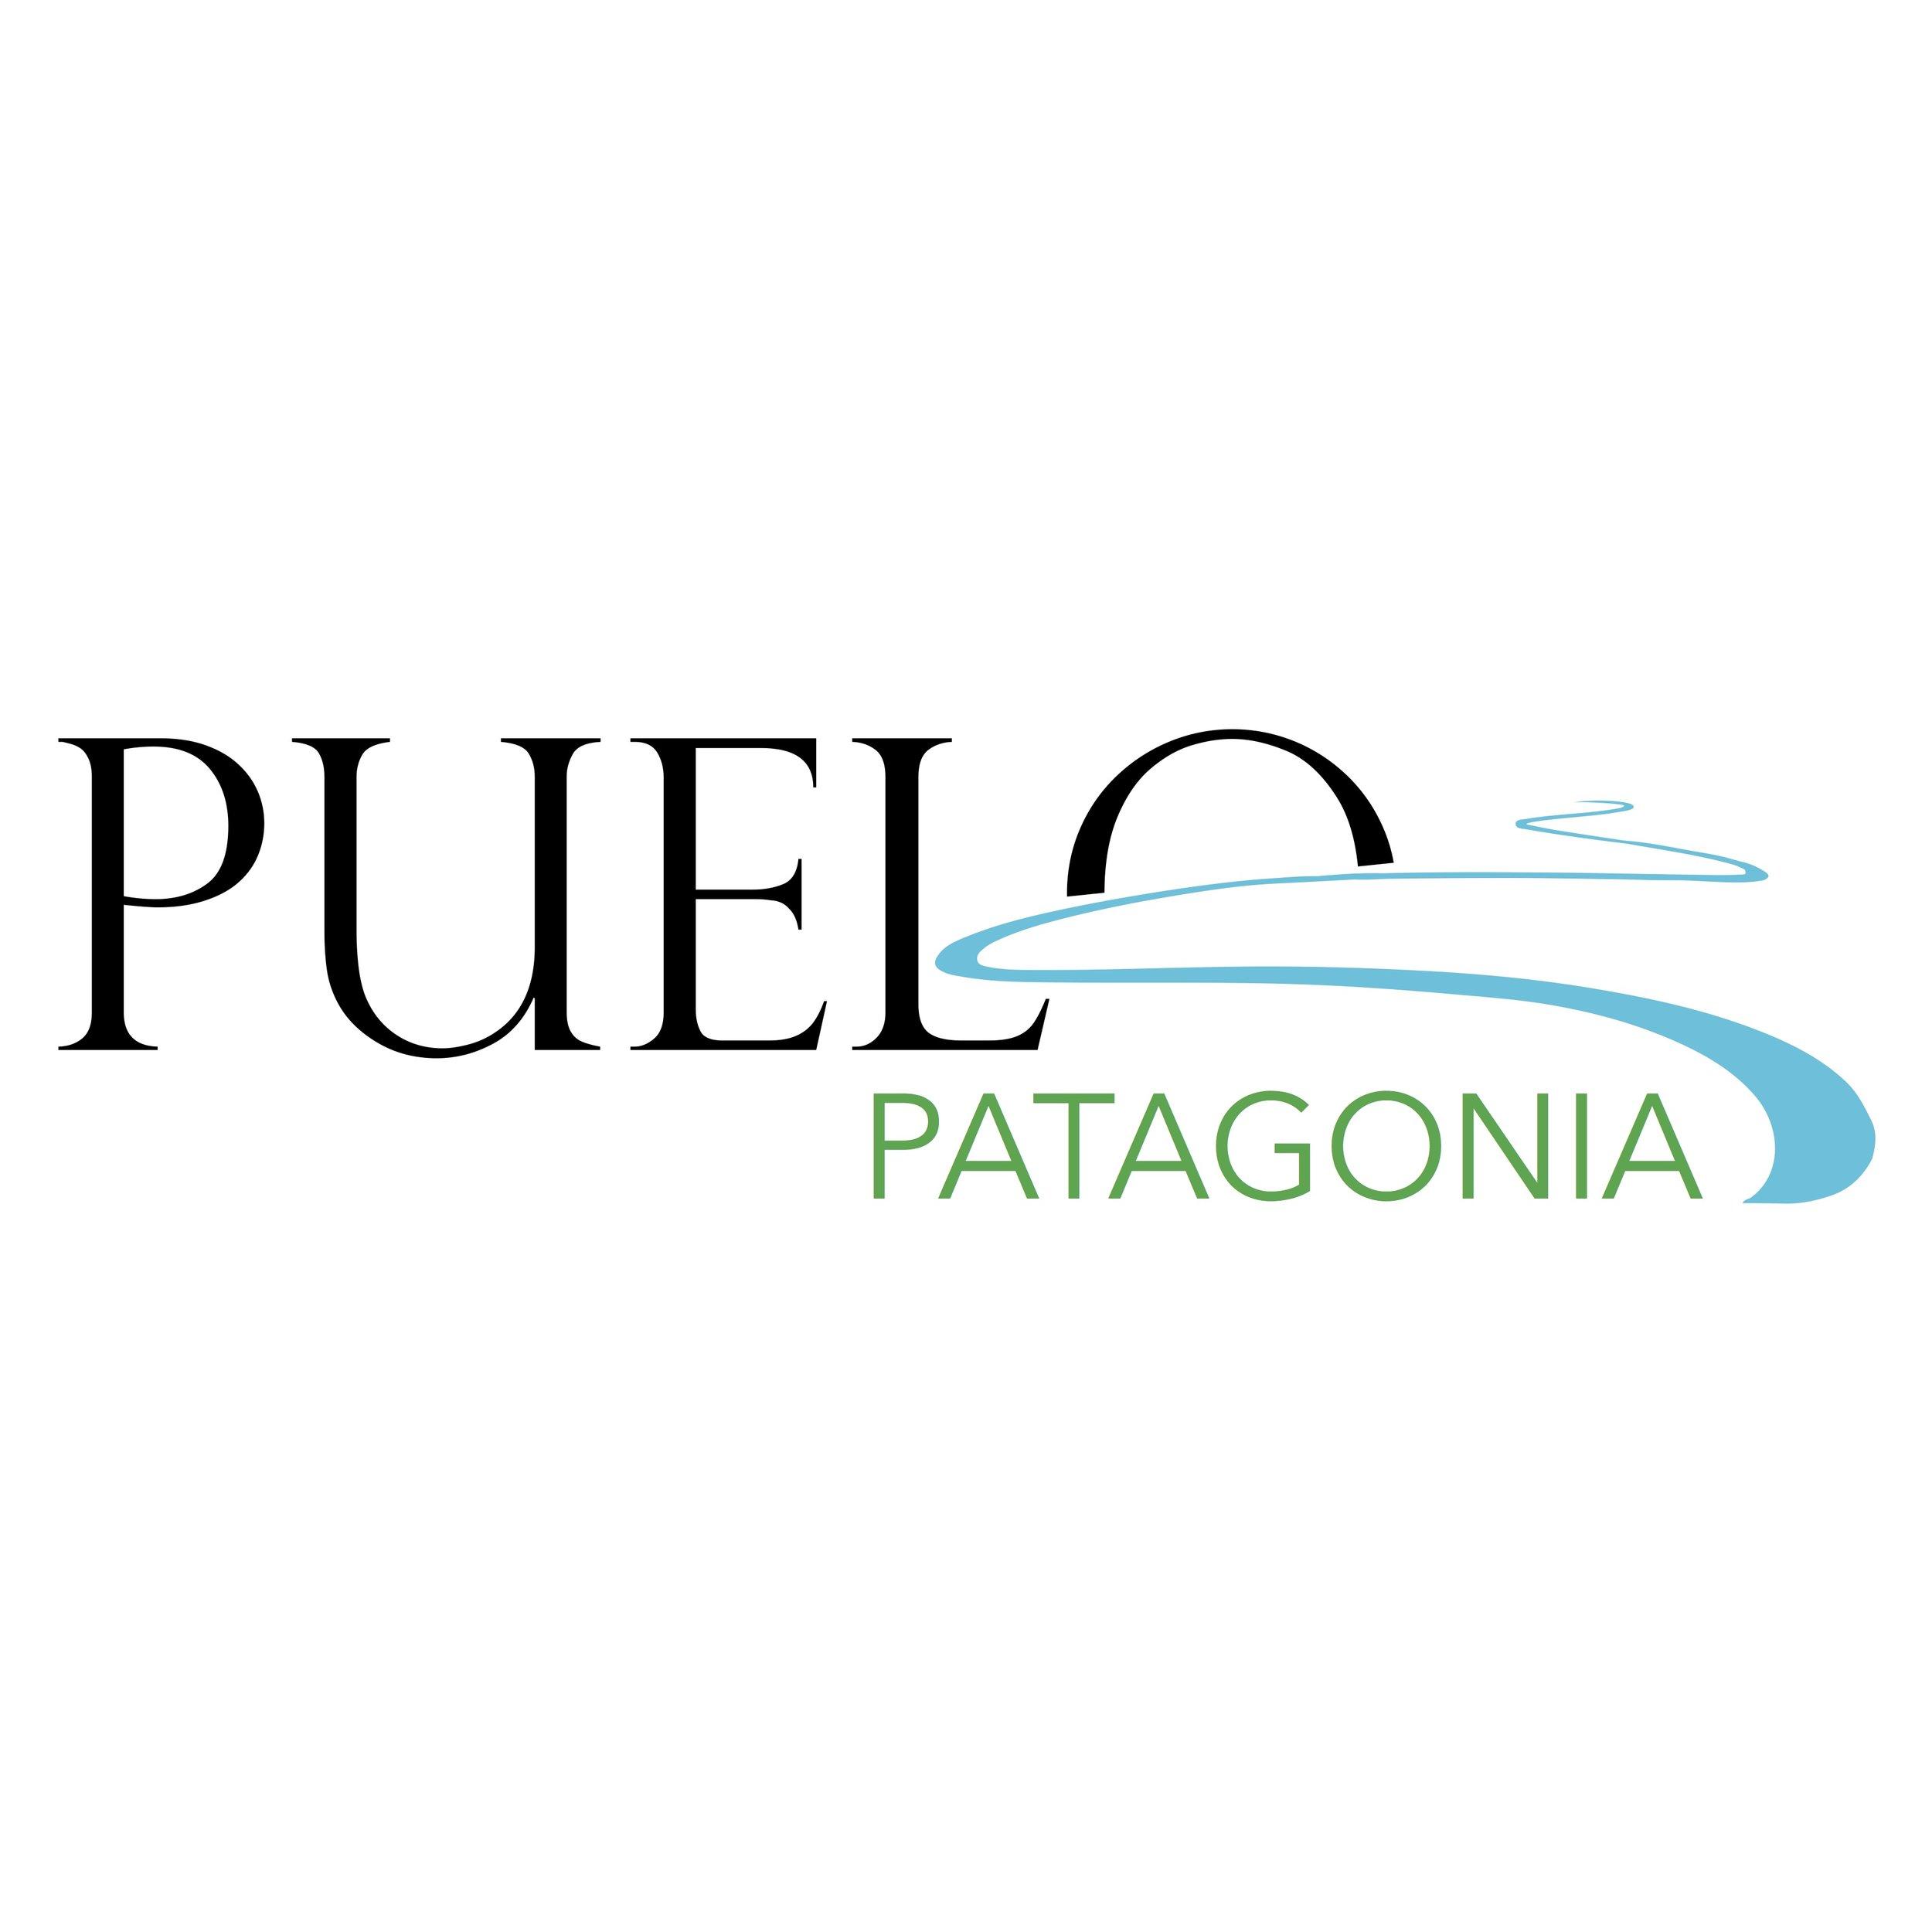 puelo logo HD (1).jpg